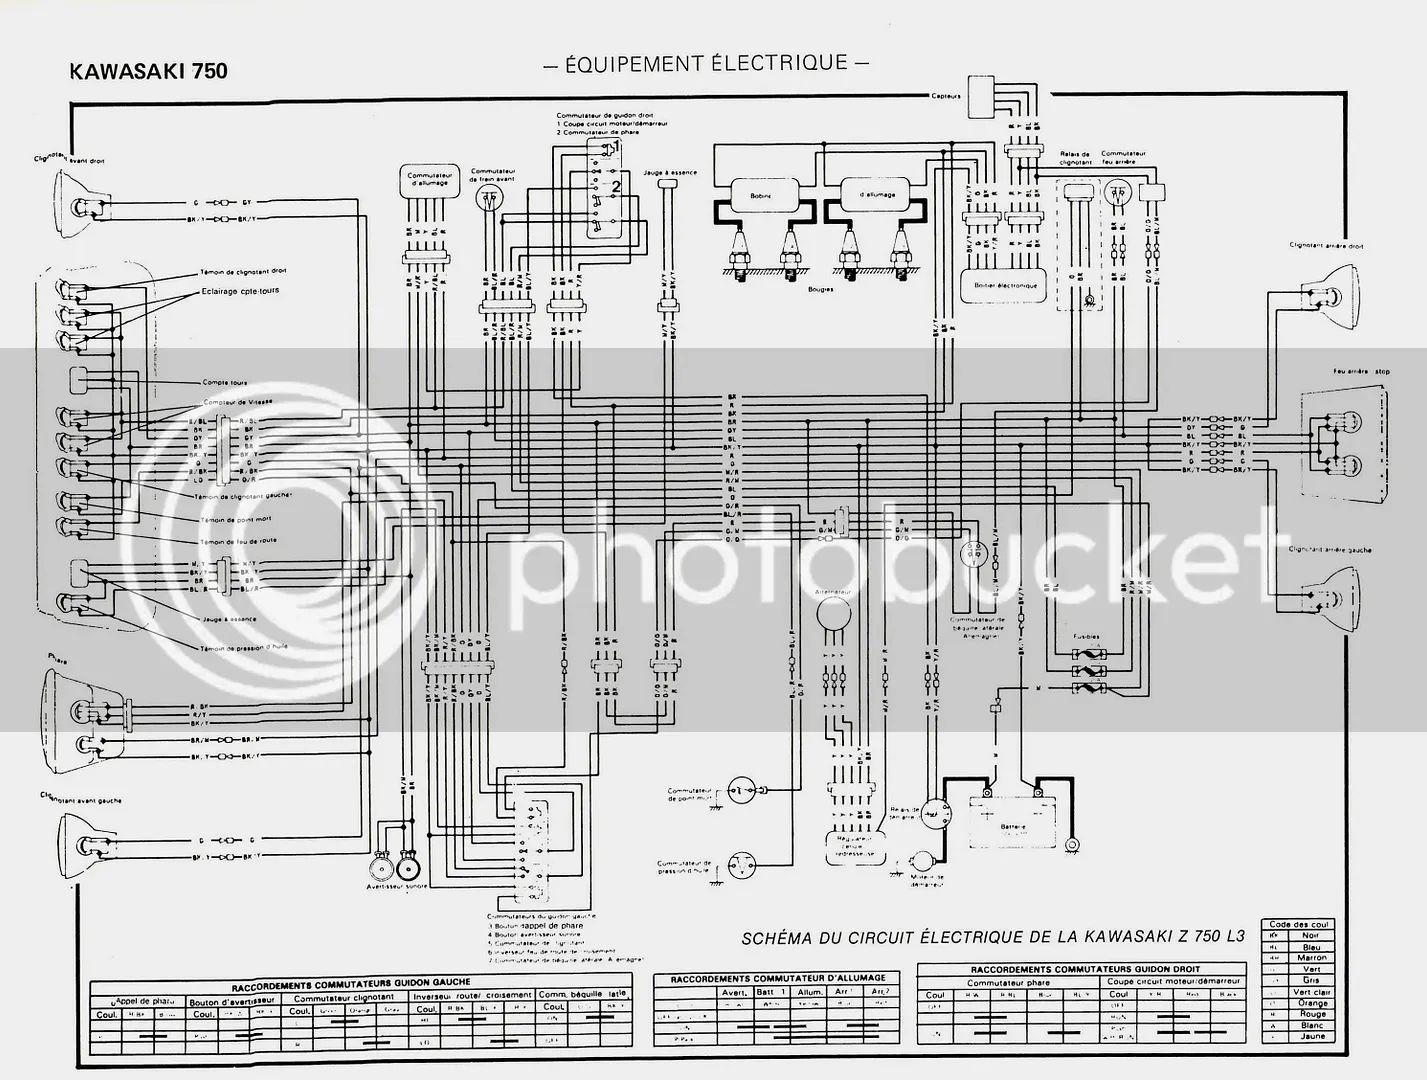 82 gpz750 bedradings schema